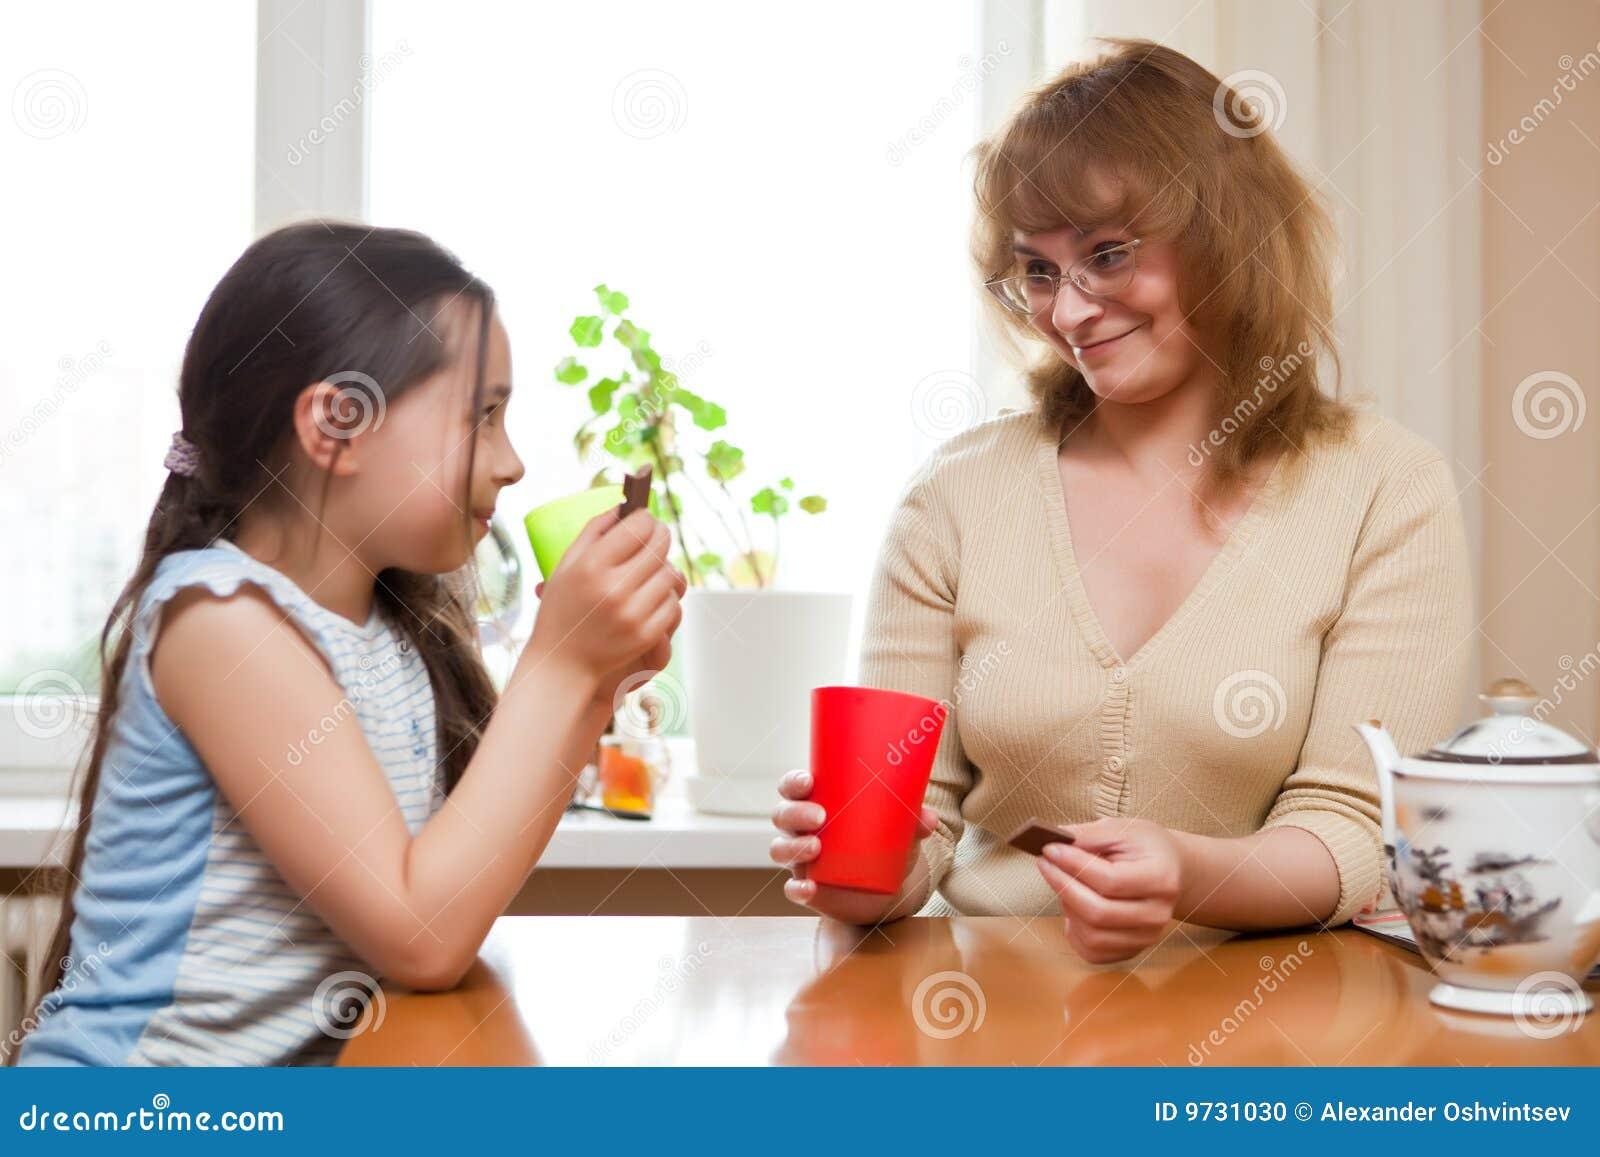 Развлечении матери с дочерью 10 фотография